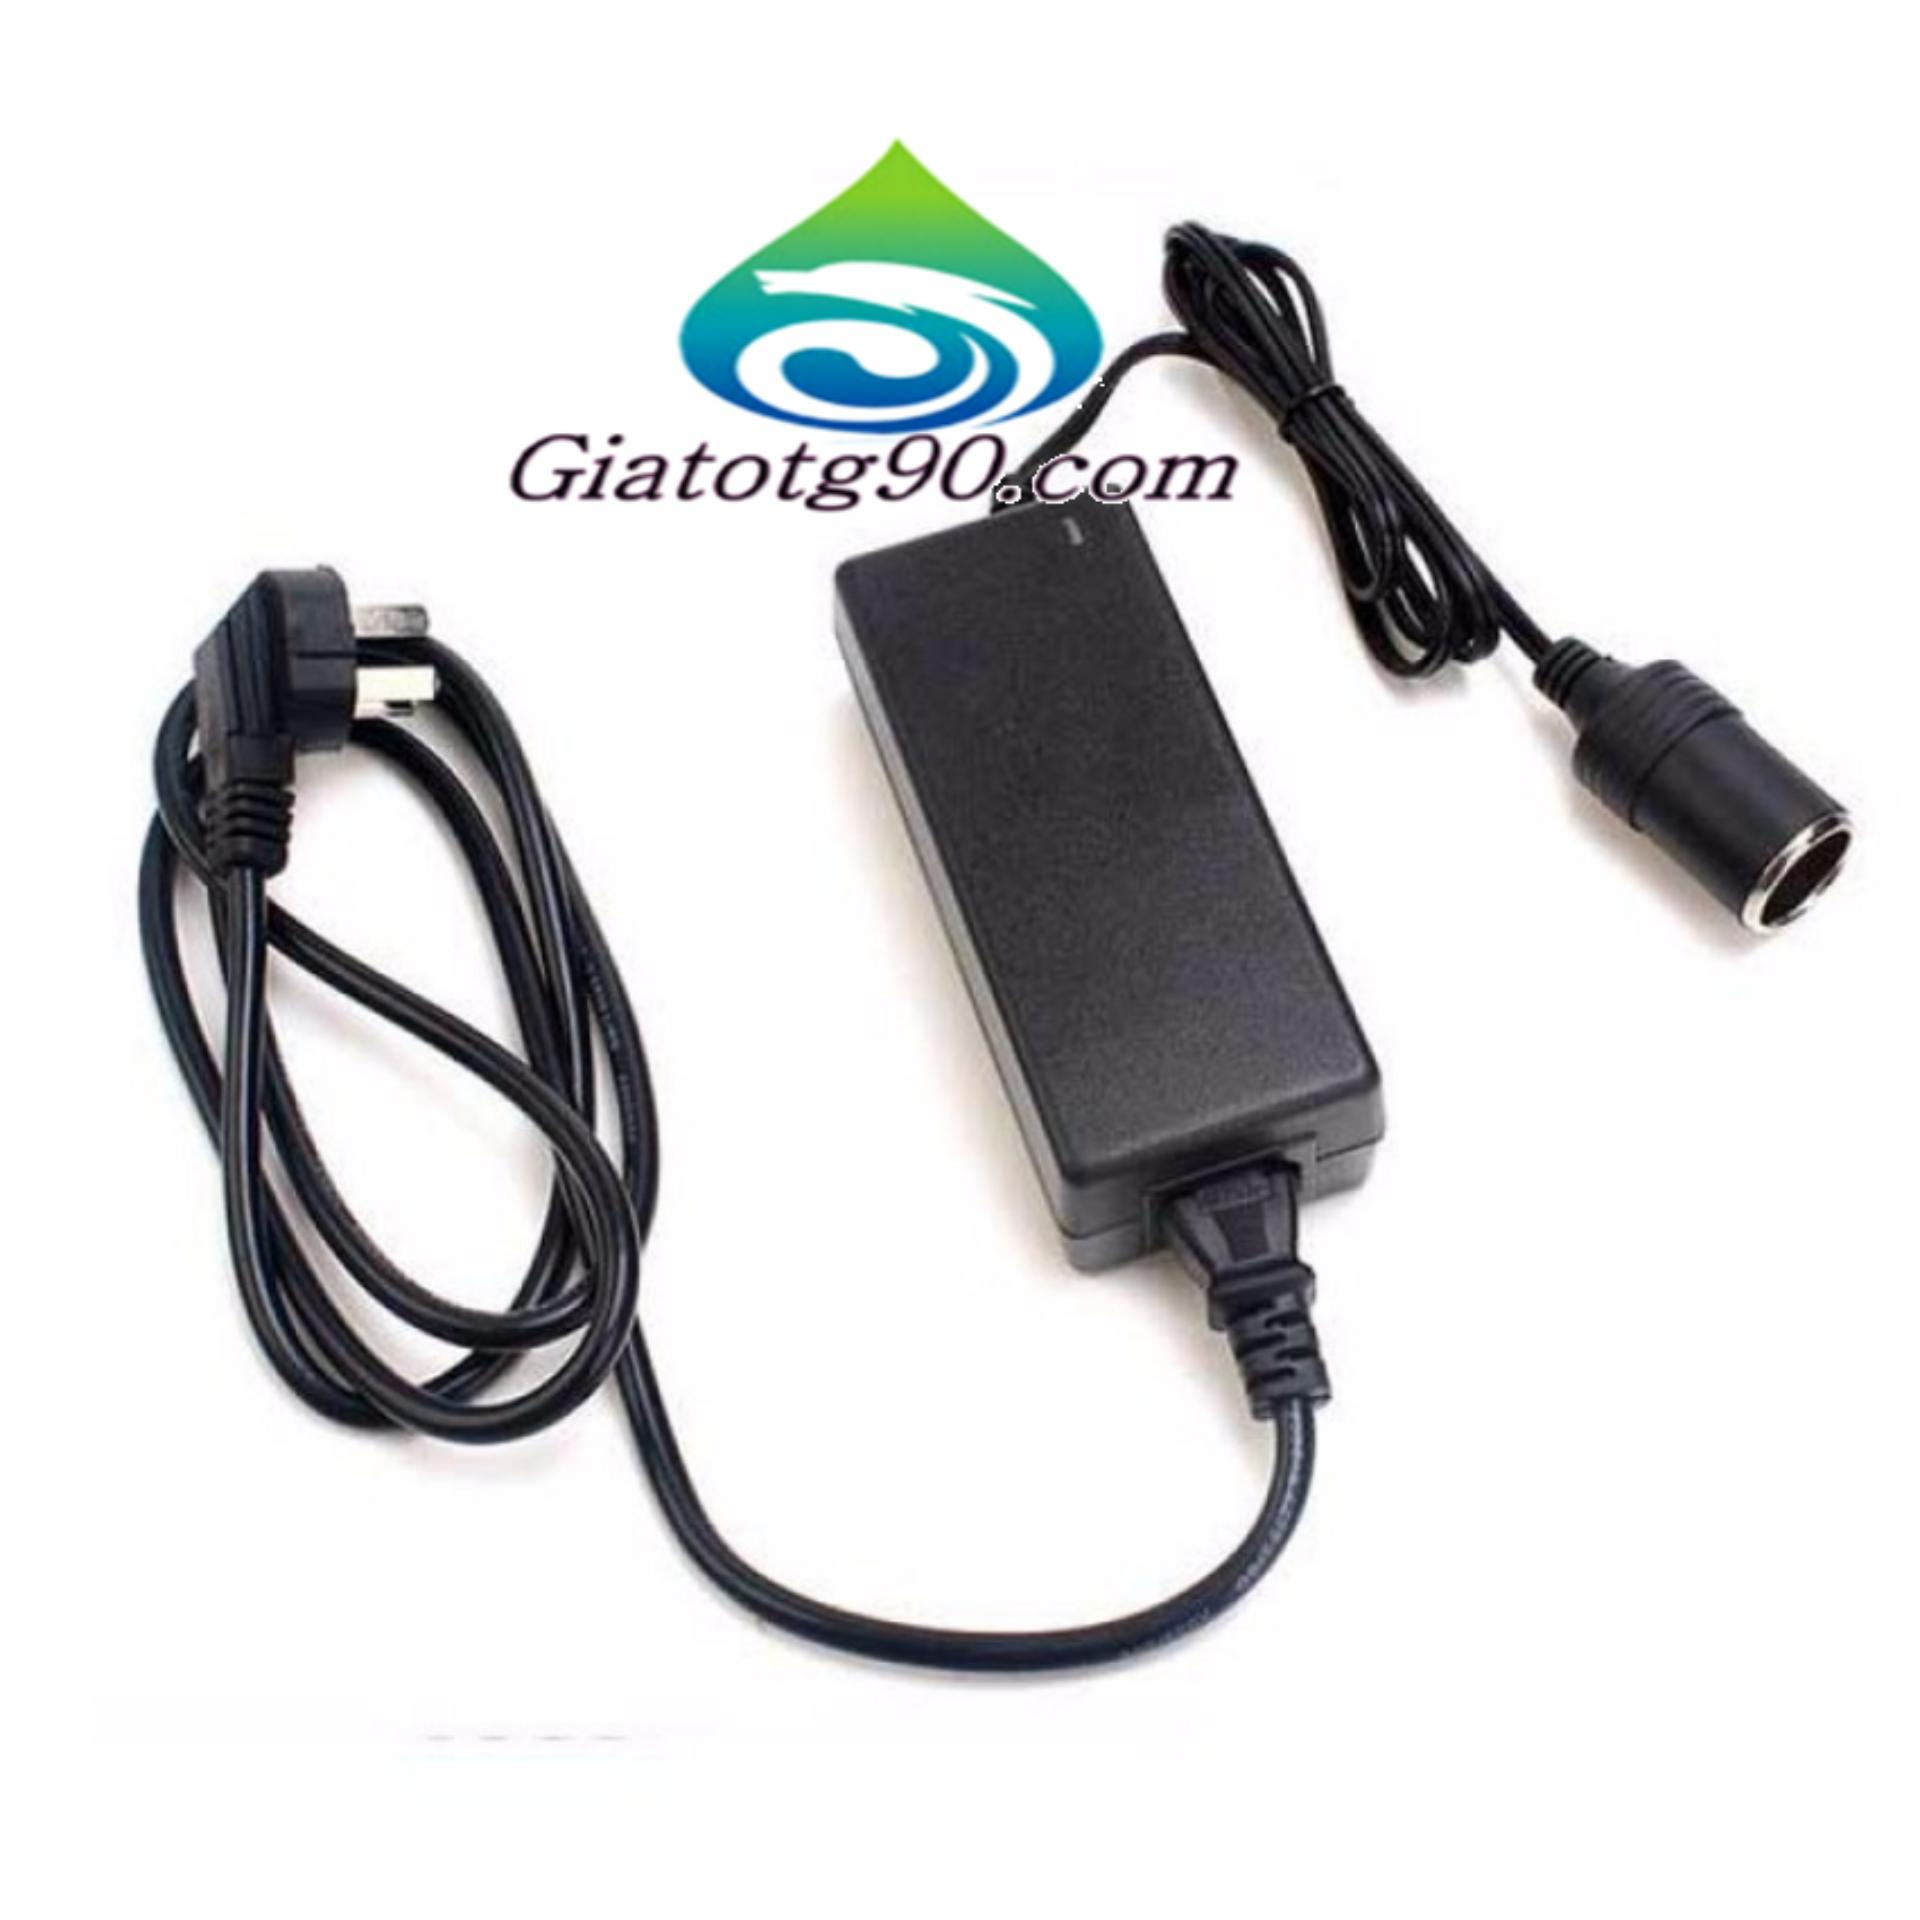 Máy Hút Bụi Cầm Tay Vacuum 206088+Bộ chuyển đổi nguồn điện 220V - 12V/60W/5A